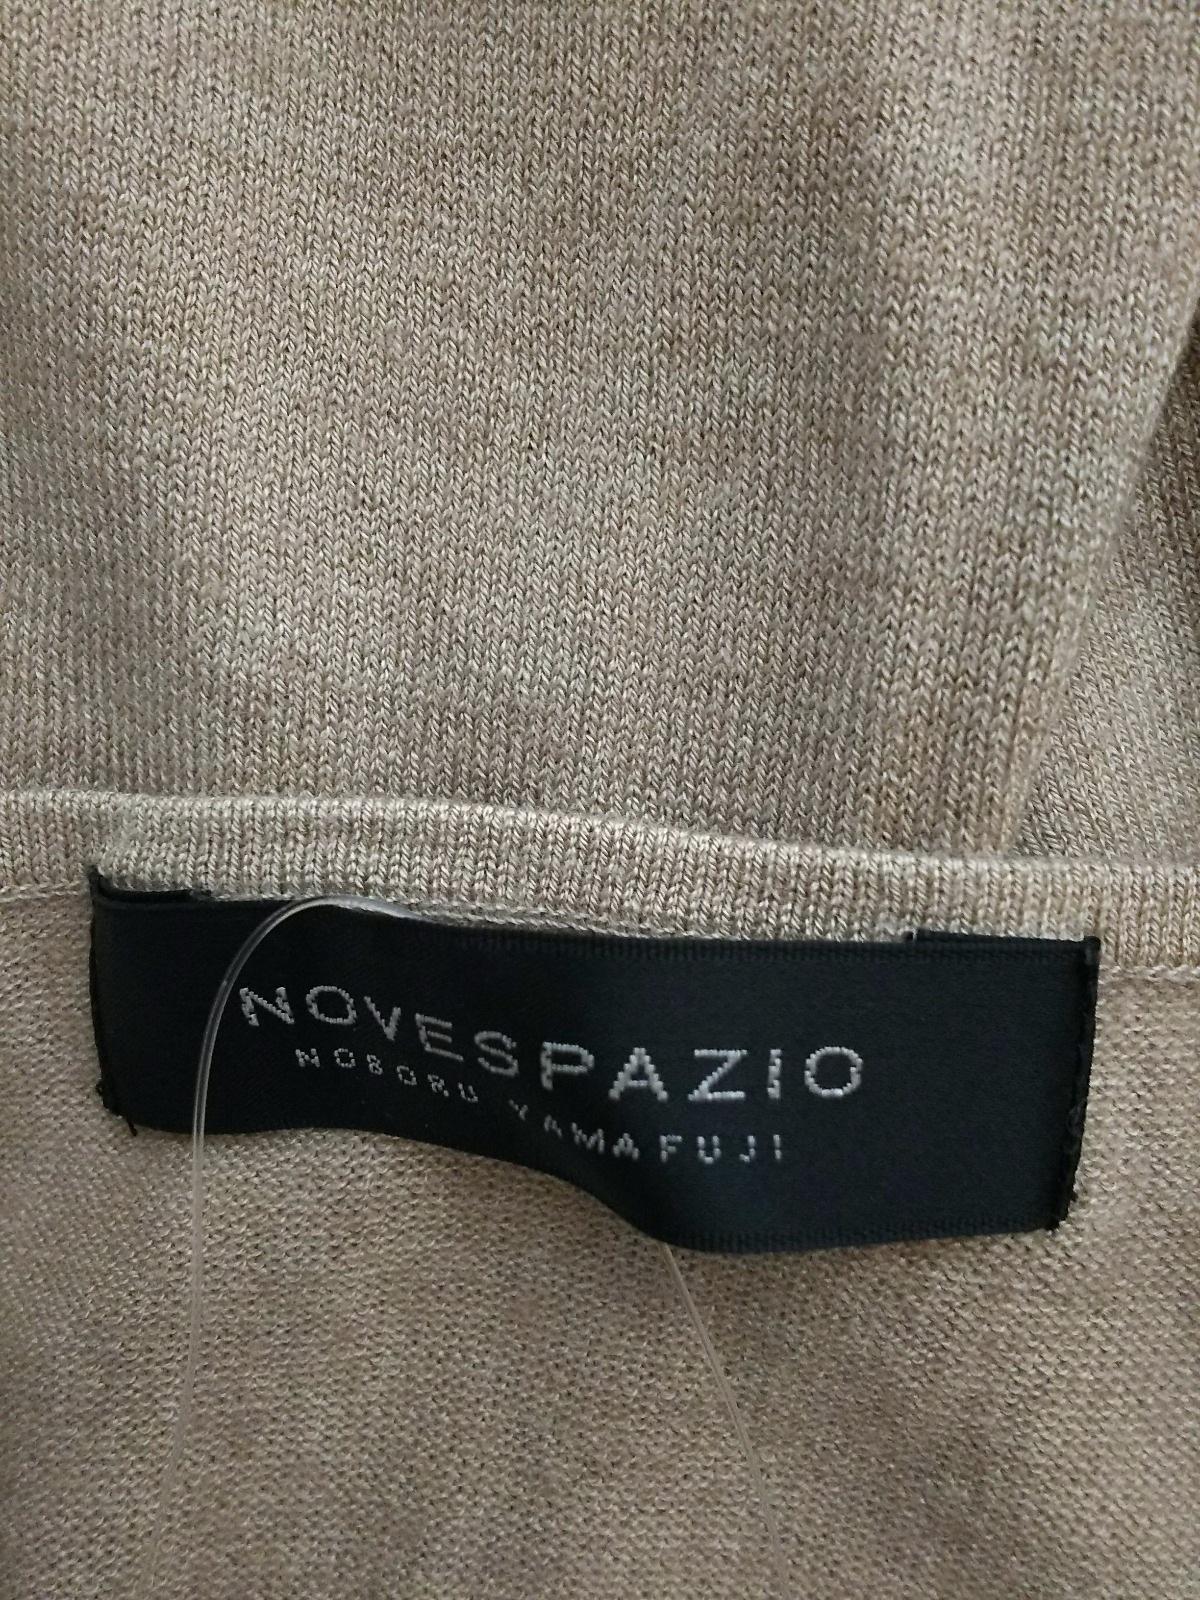 NOVESPAZIO(ノーベスパジオ)のキャミソール